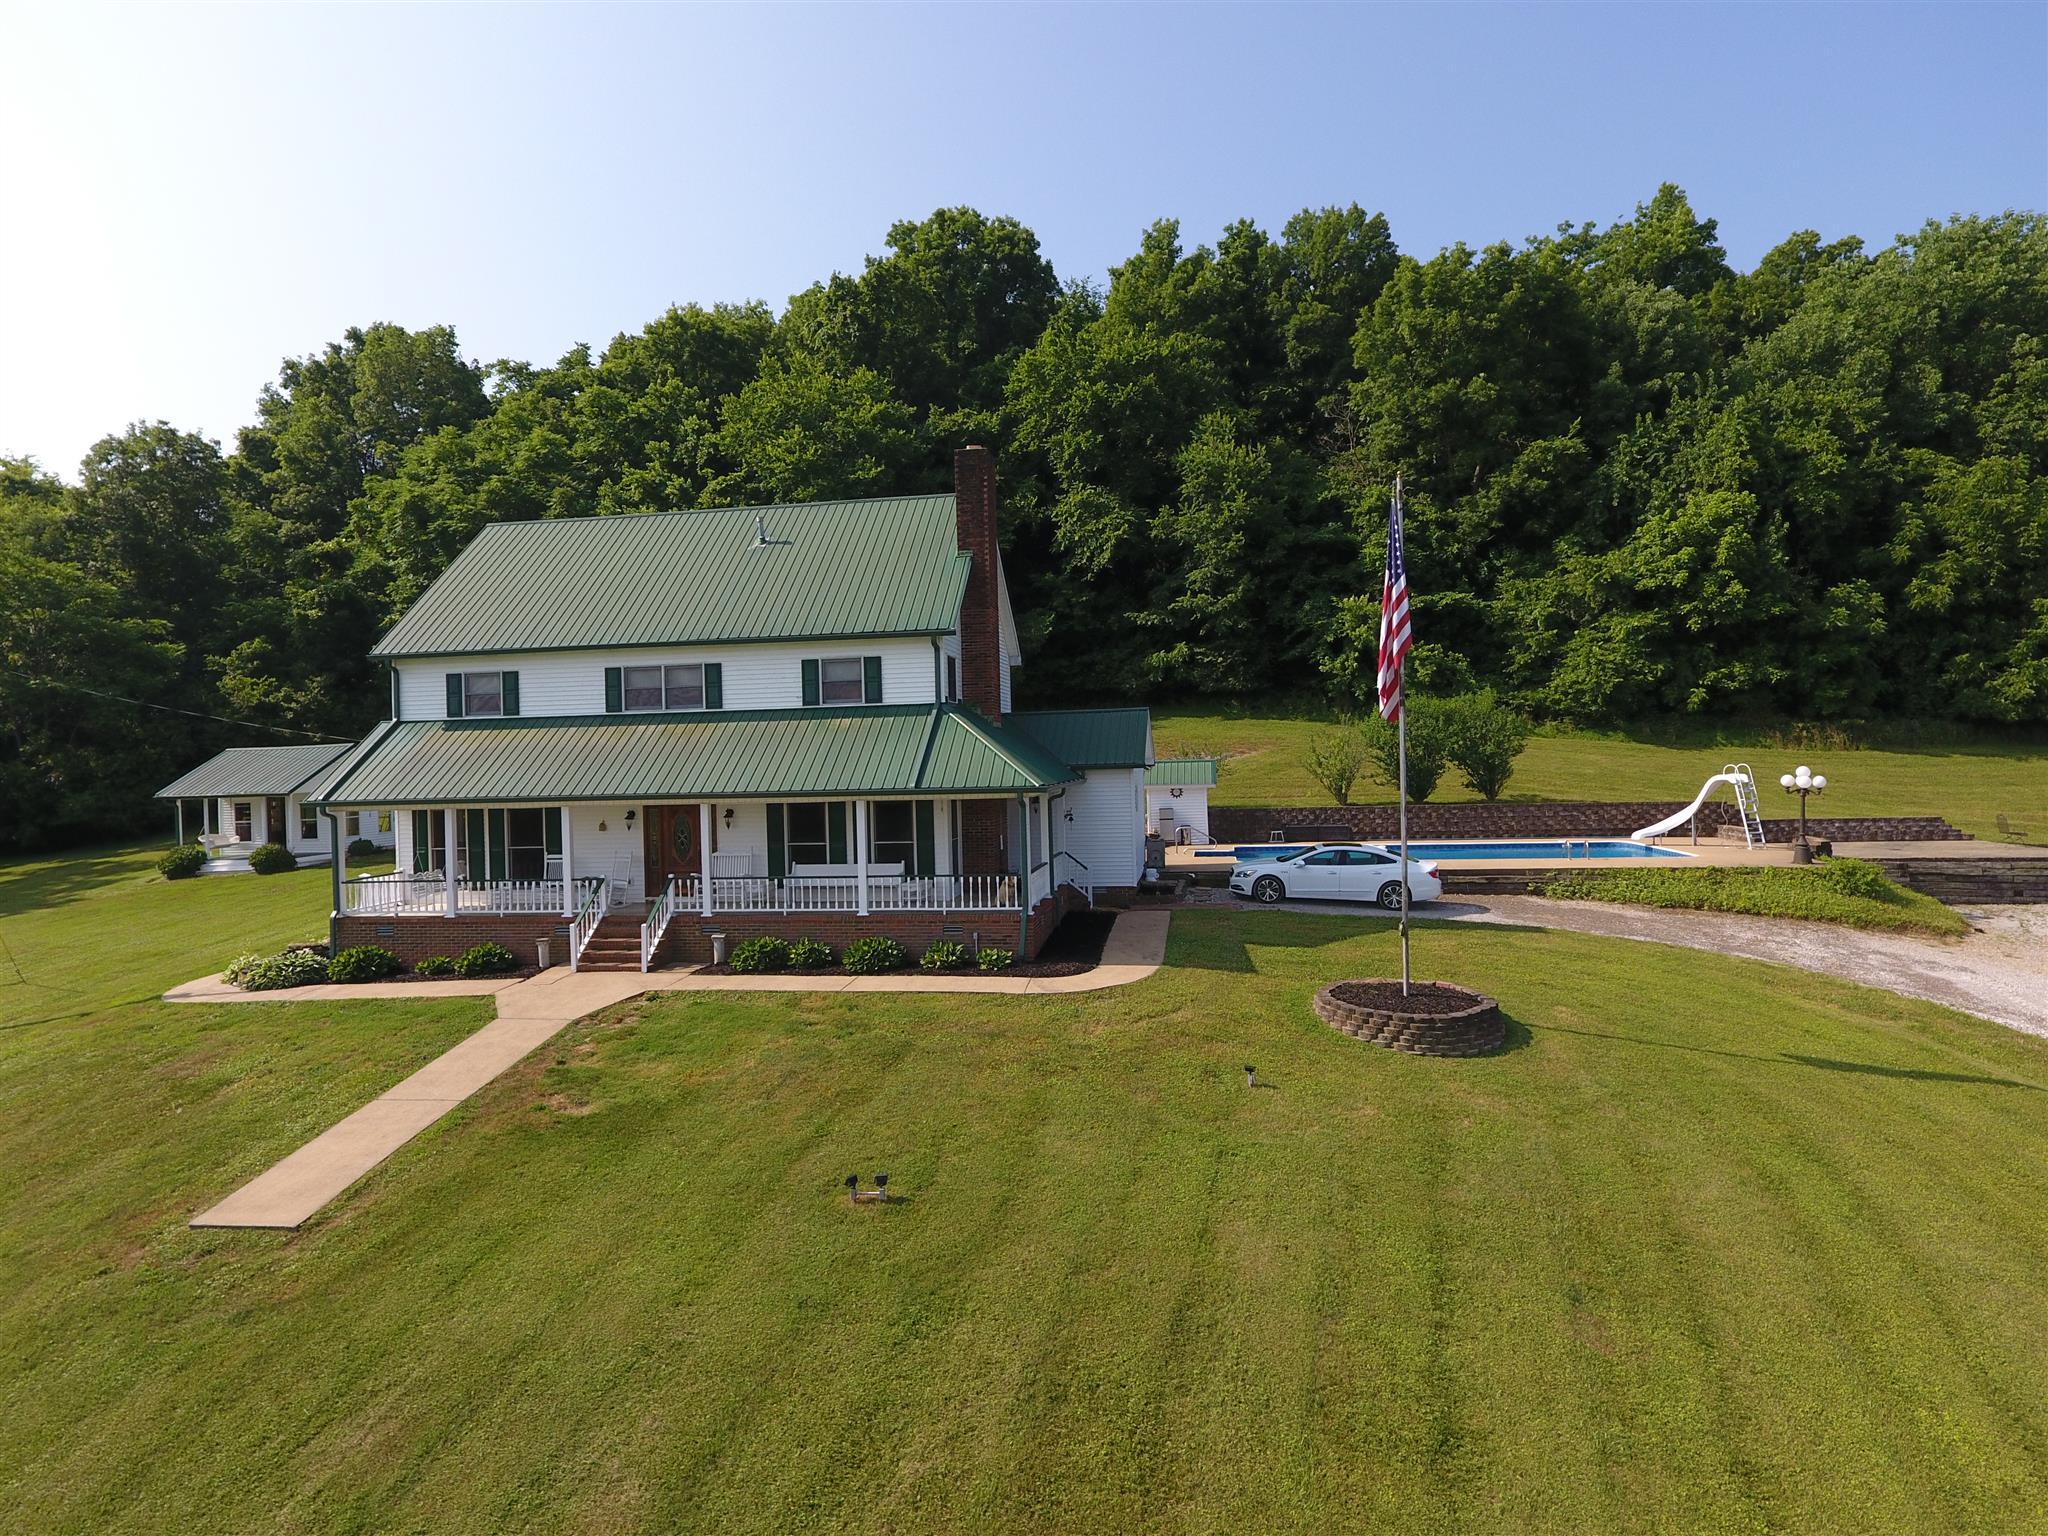 776 Abernathy Rd, Lynnville, TN 38472 - Lynnville, TN real estate listing